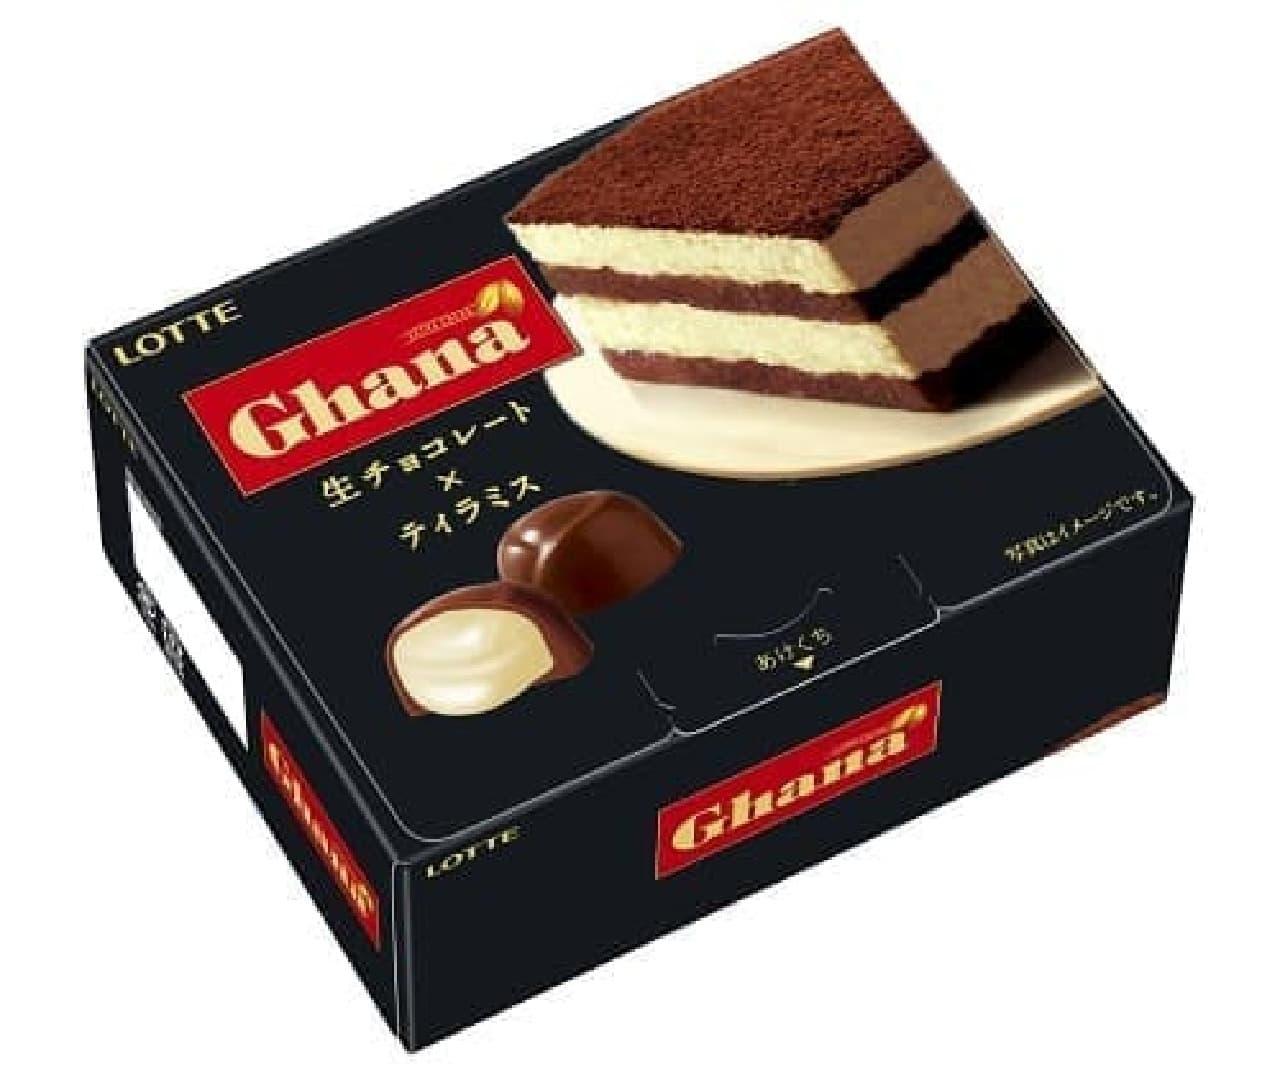 ガーナ生チョコレートアイスバー<ティラミス>